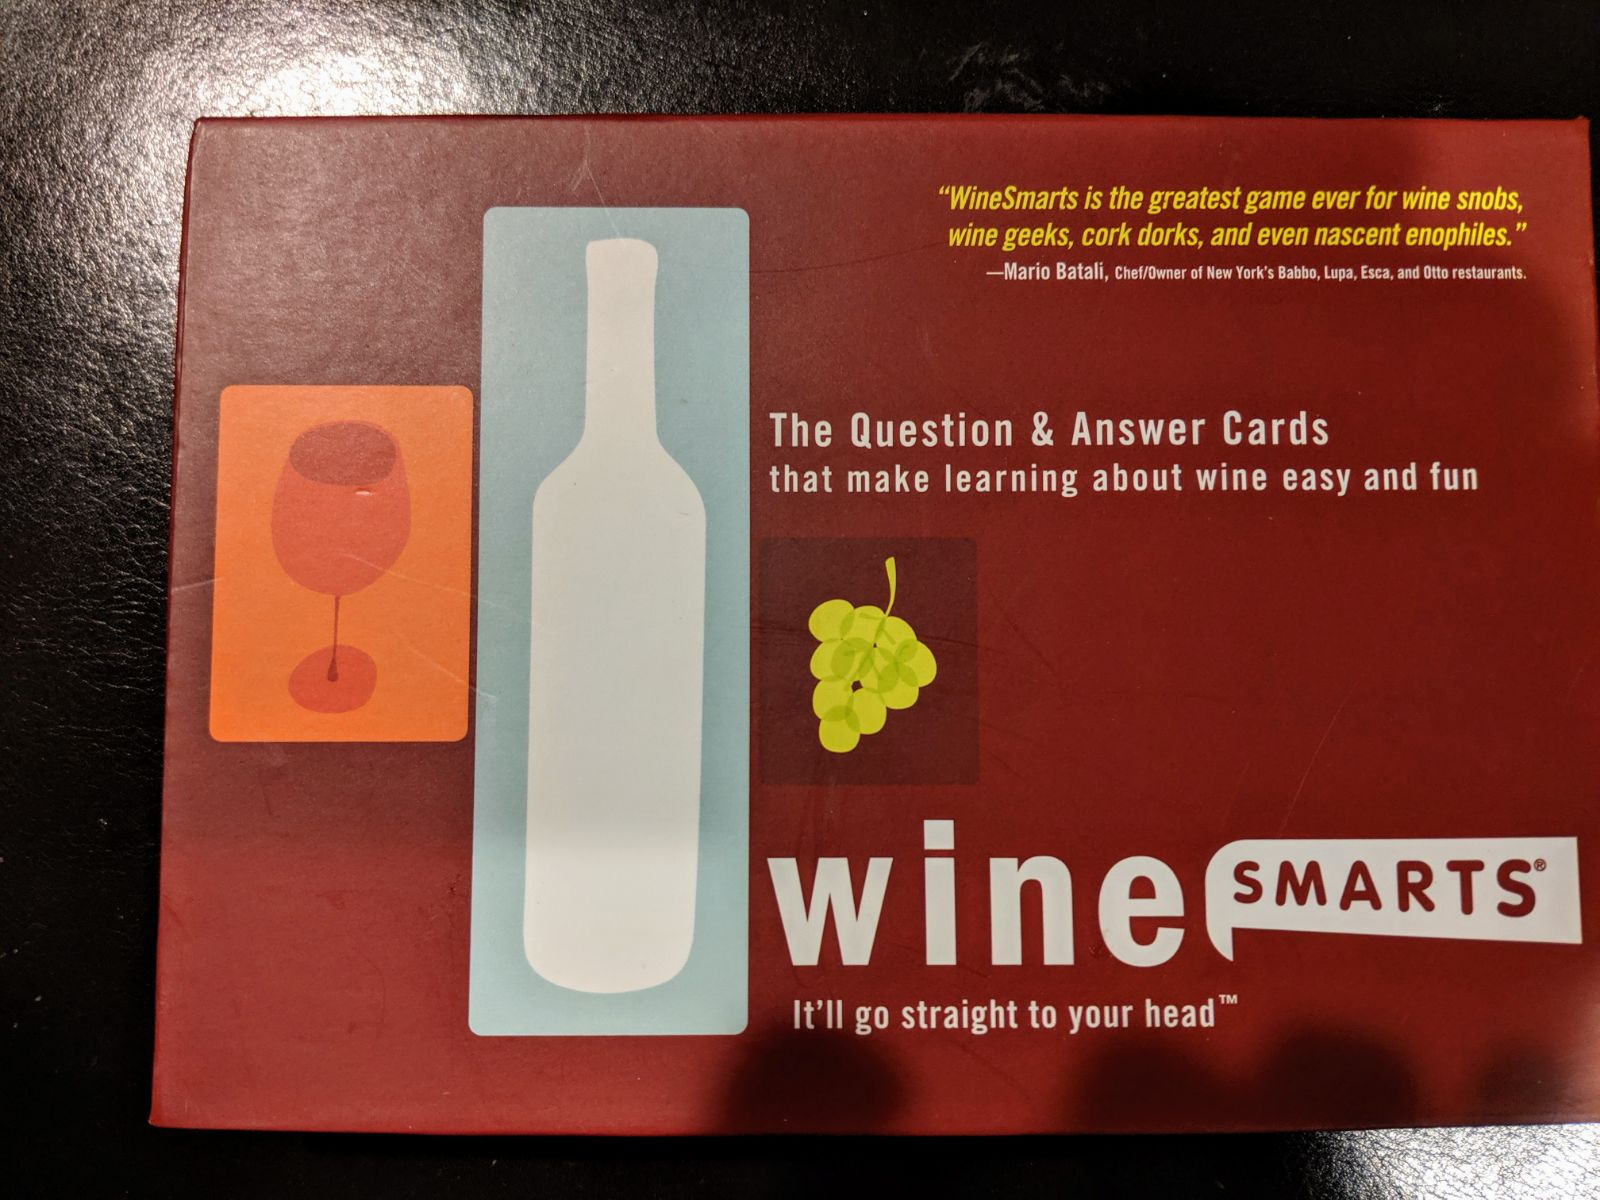 Wine smarts game